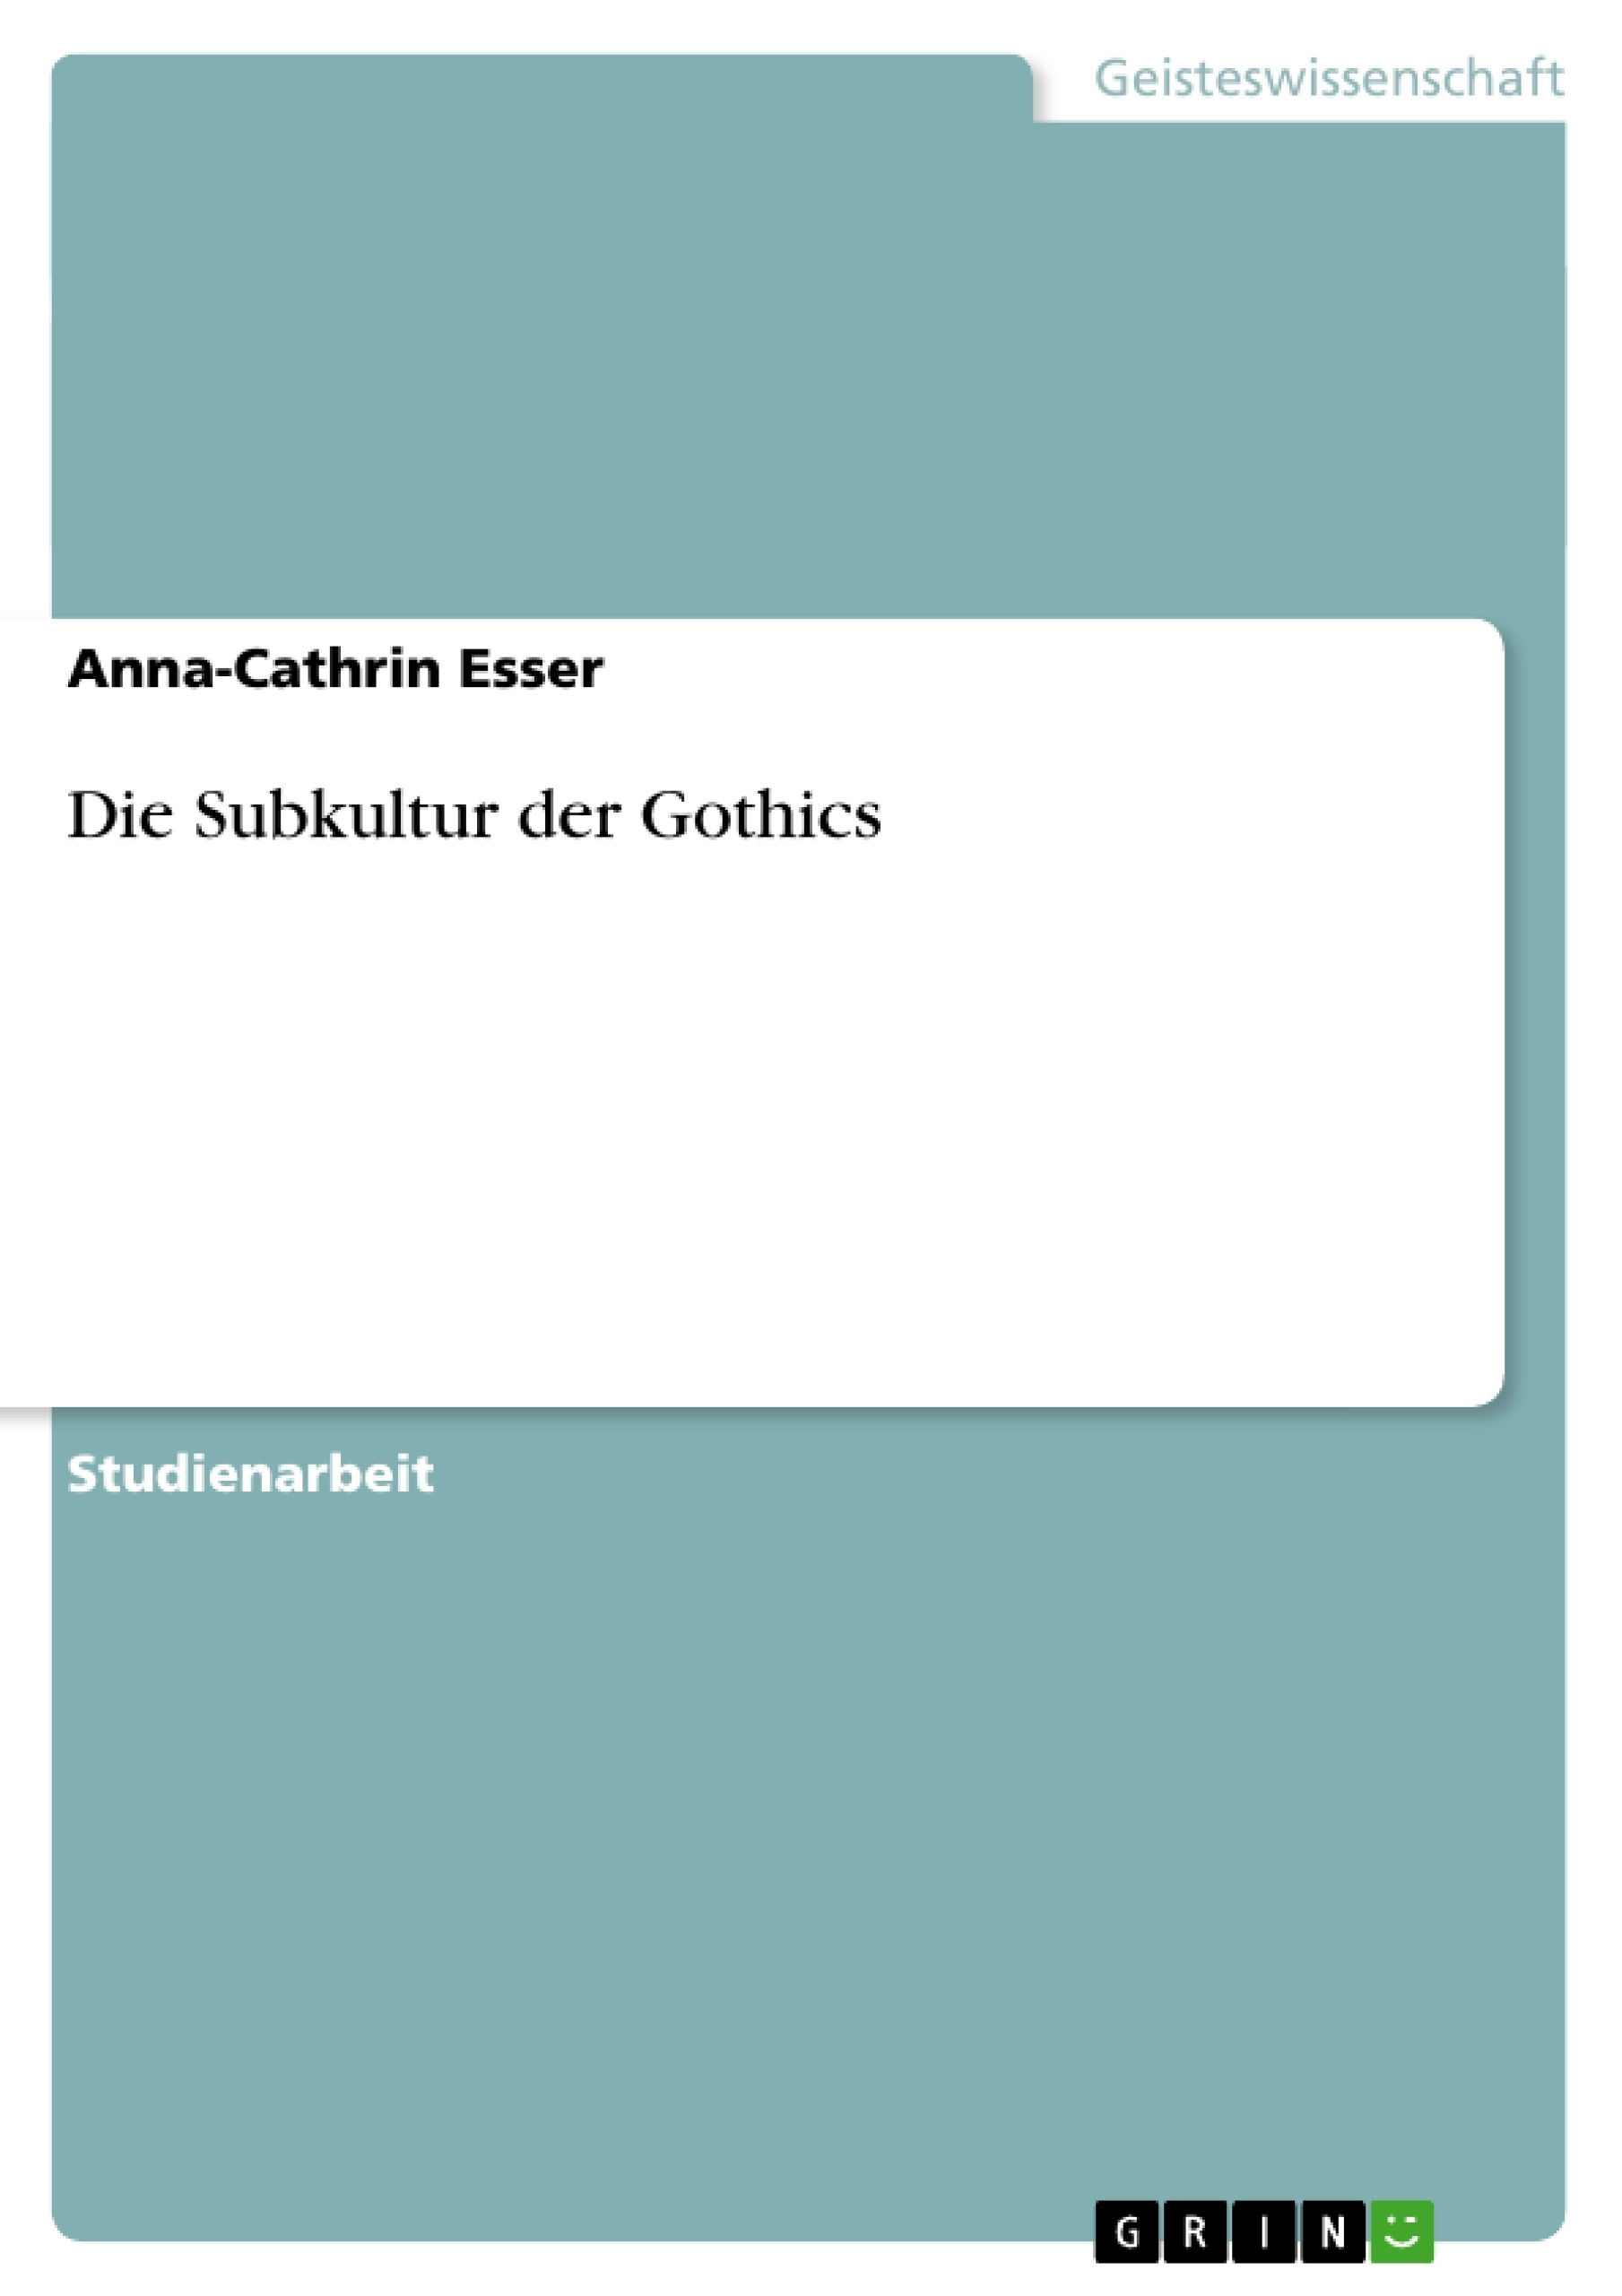 Titel: Die Subkultur der Gothics